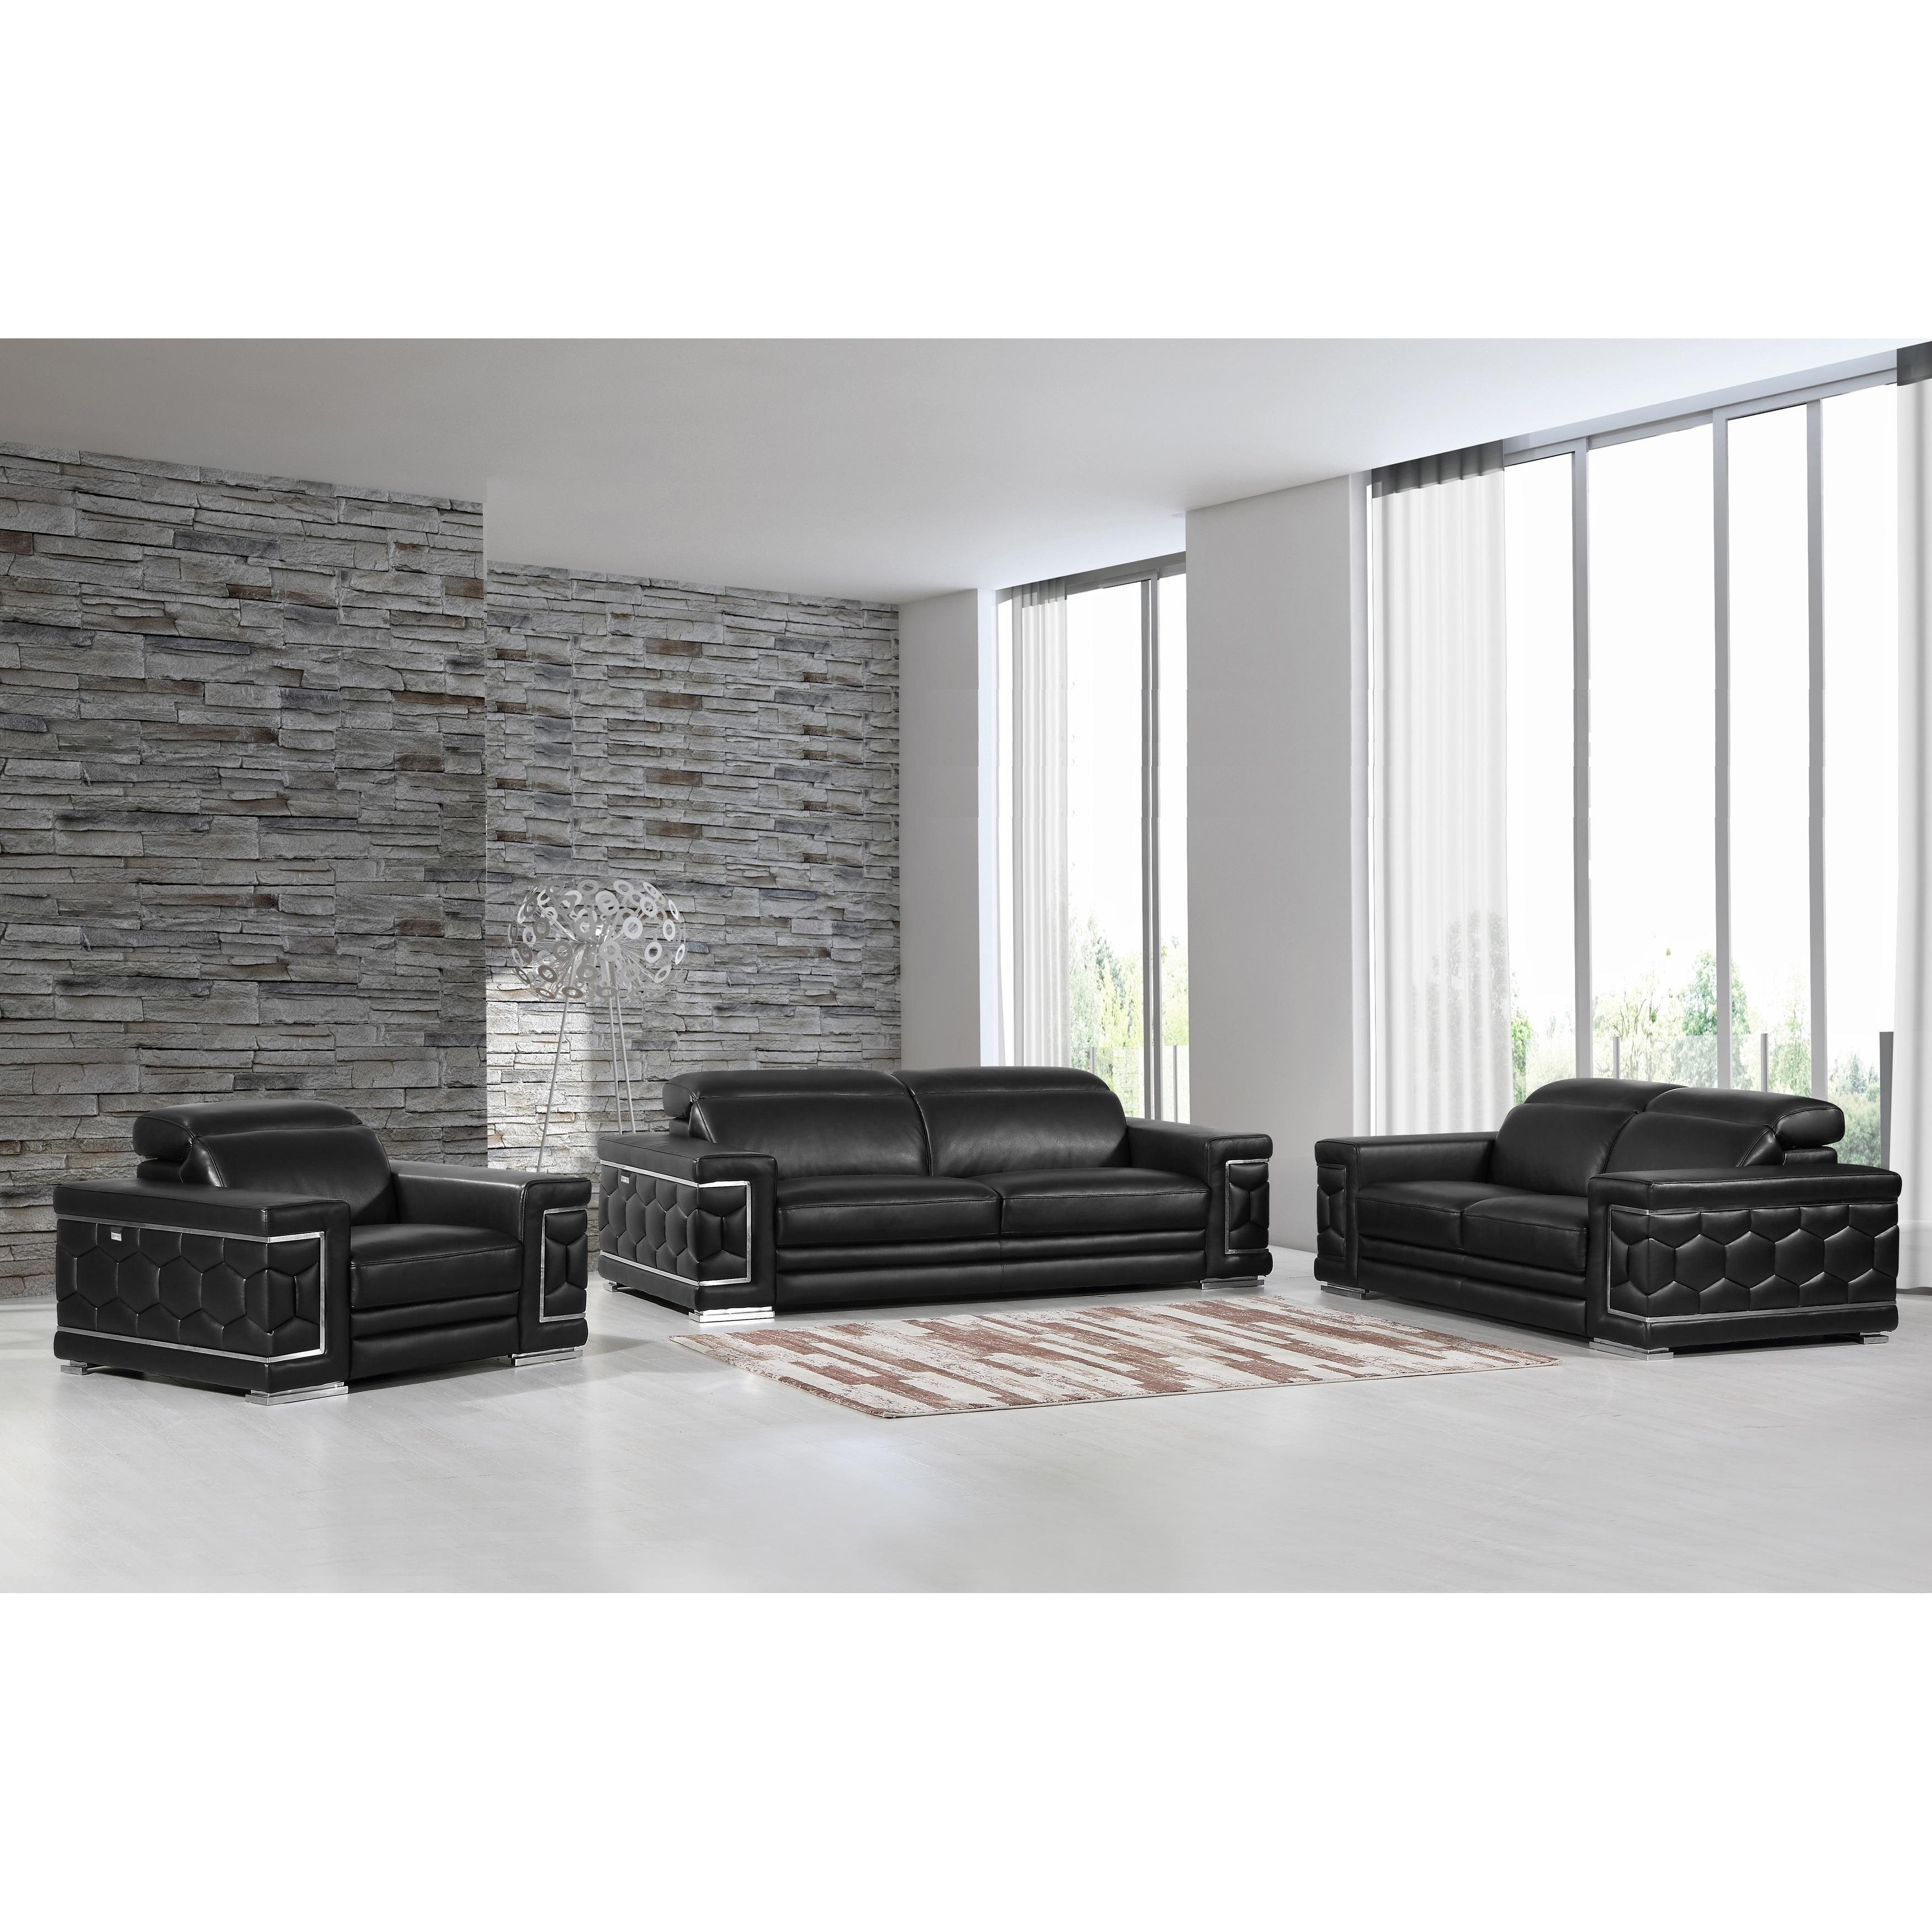 DivanItalia Ferrara Luxury Italian Leather Upholstered Complete 3 Piece Living  Room Sofa Set (Option